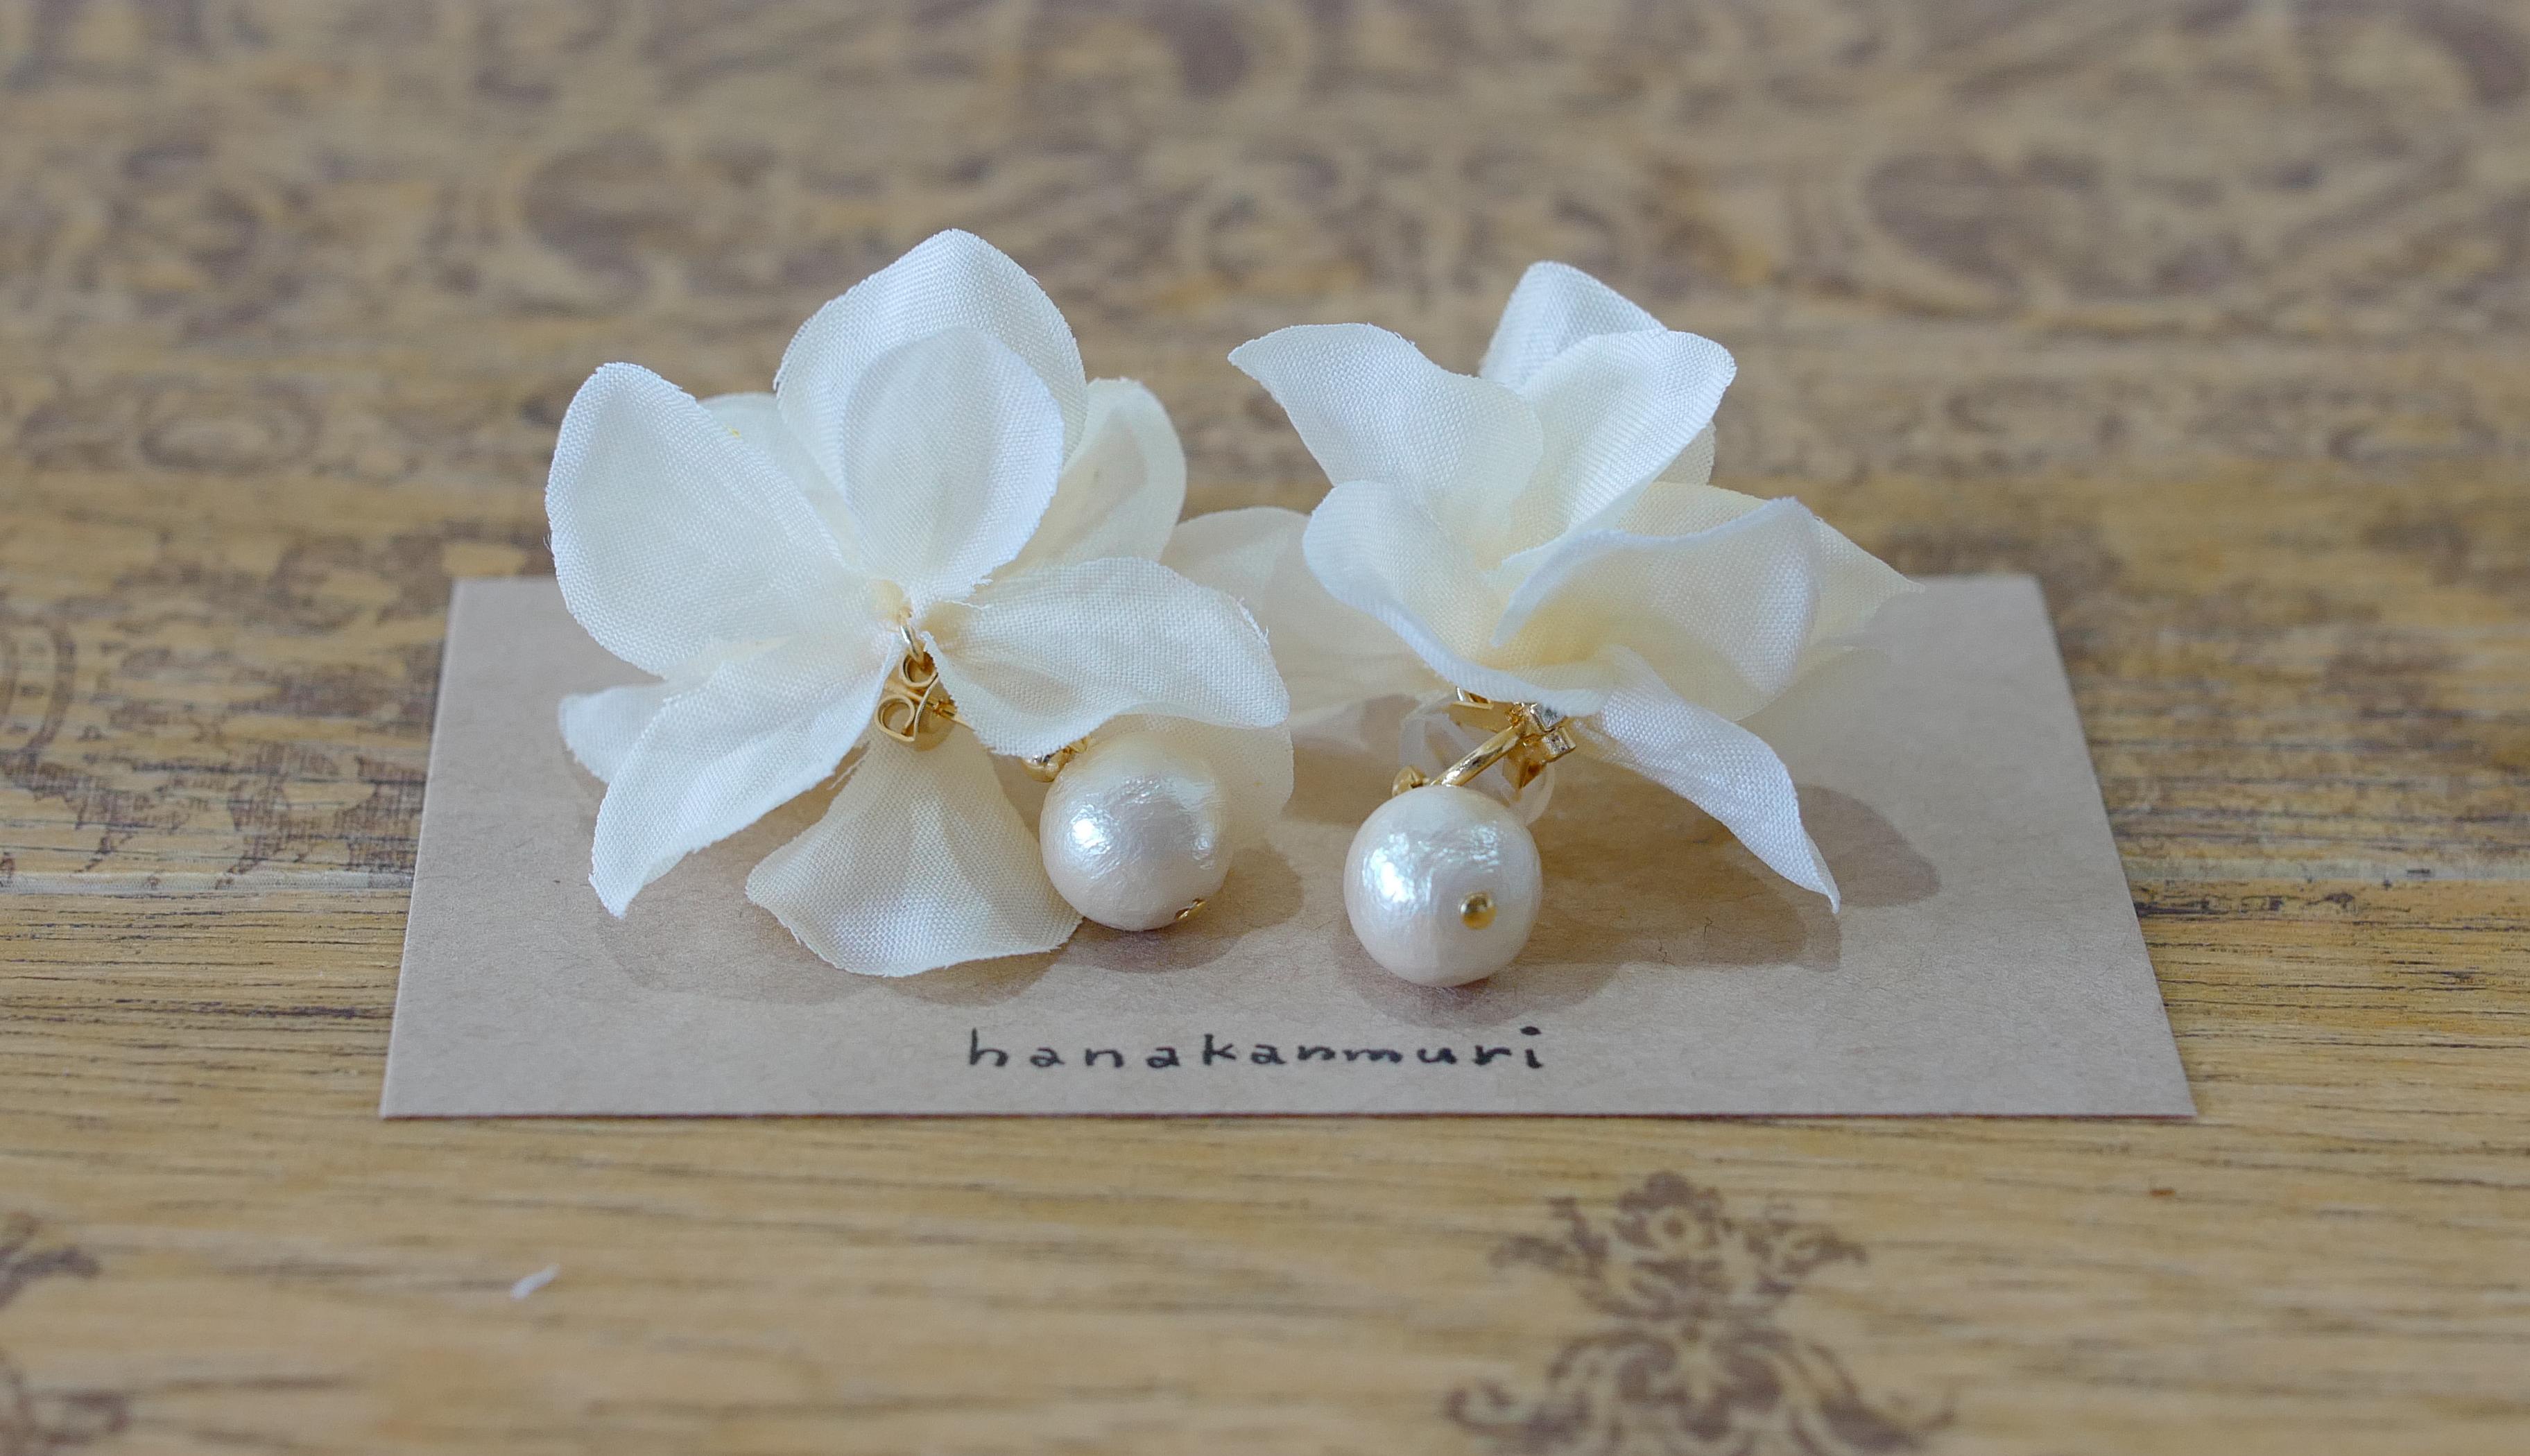 コットンパール花びらピアスのオフホワイト色、ライカのトリミング